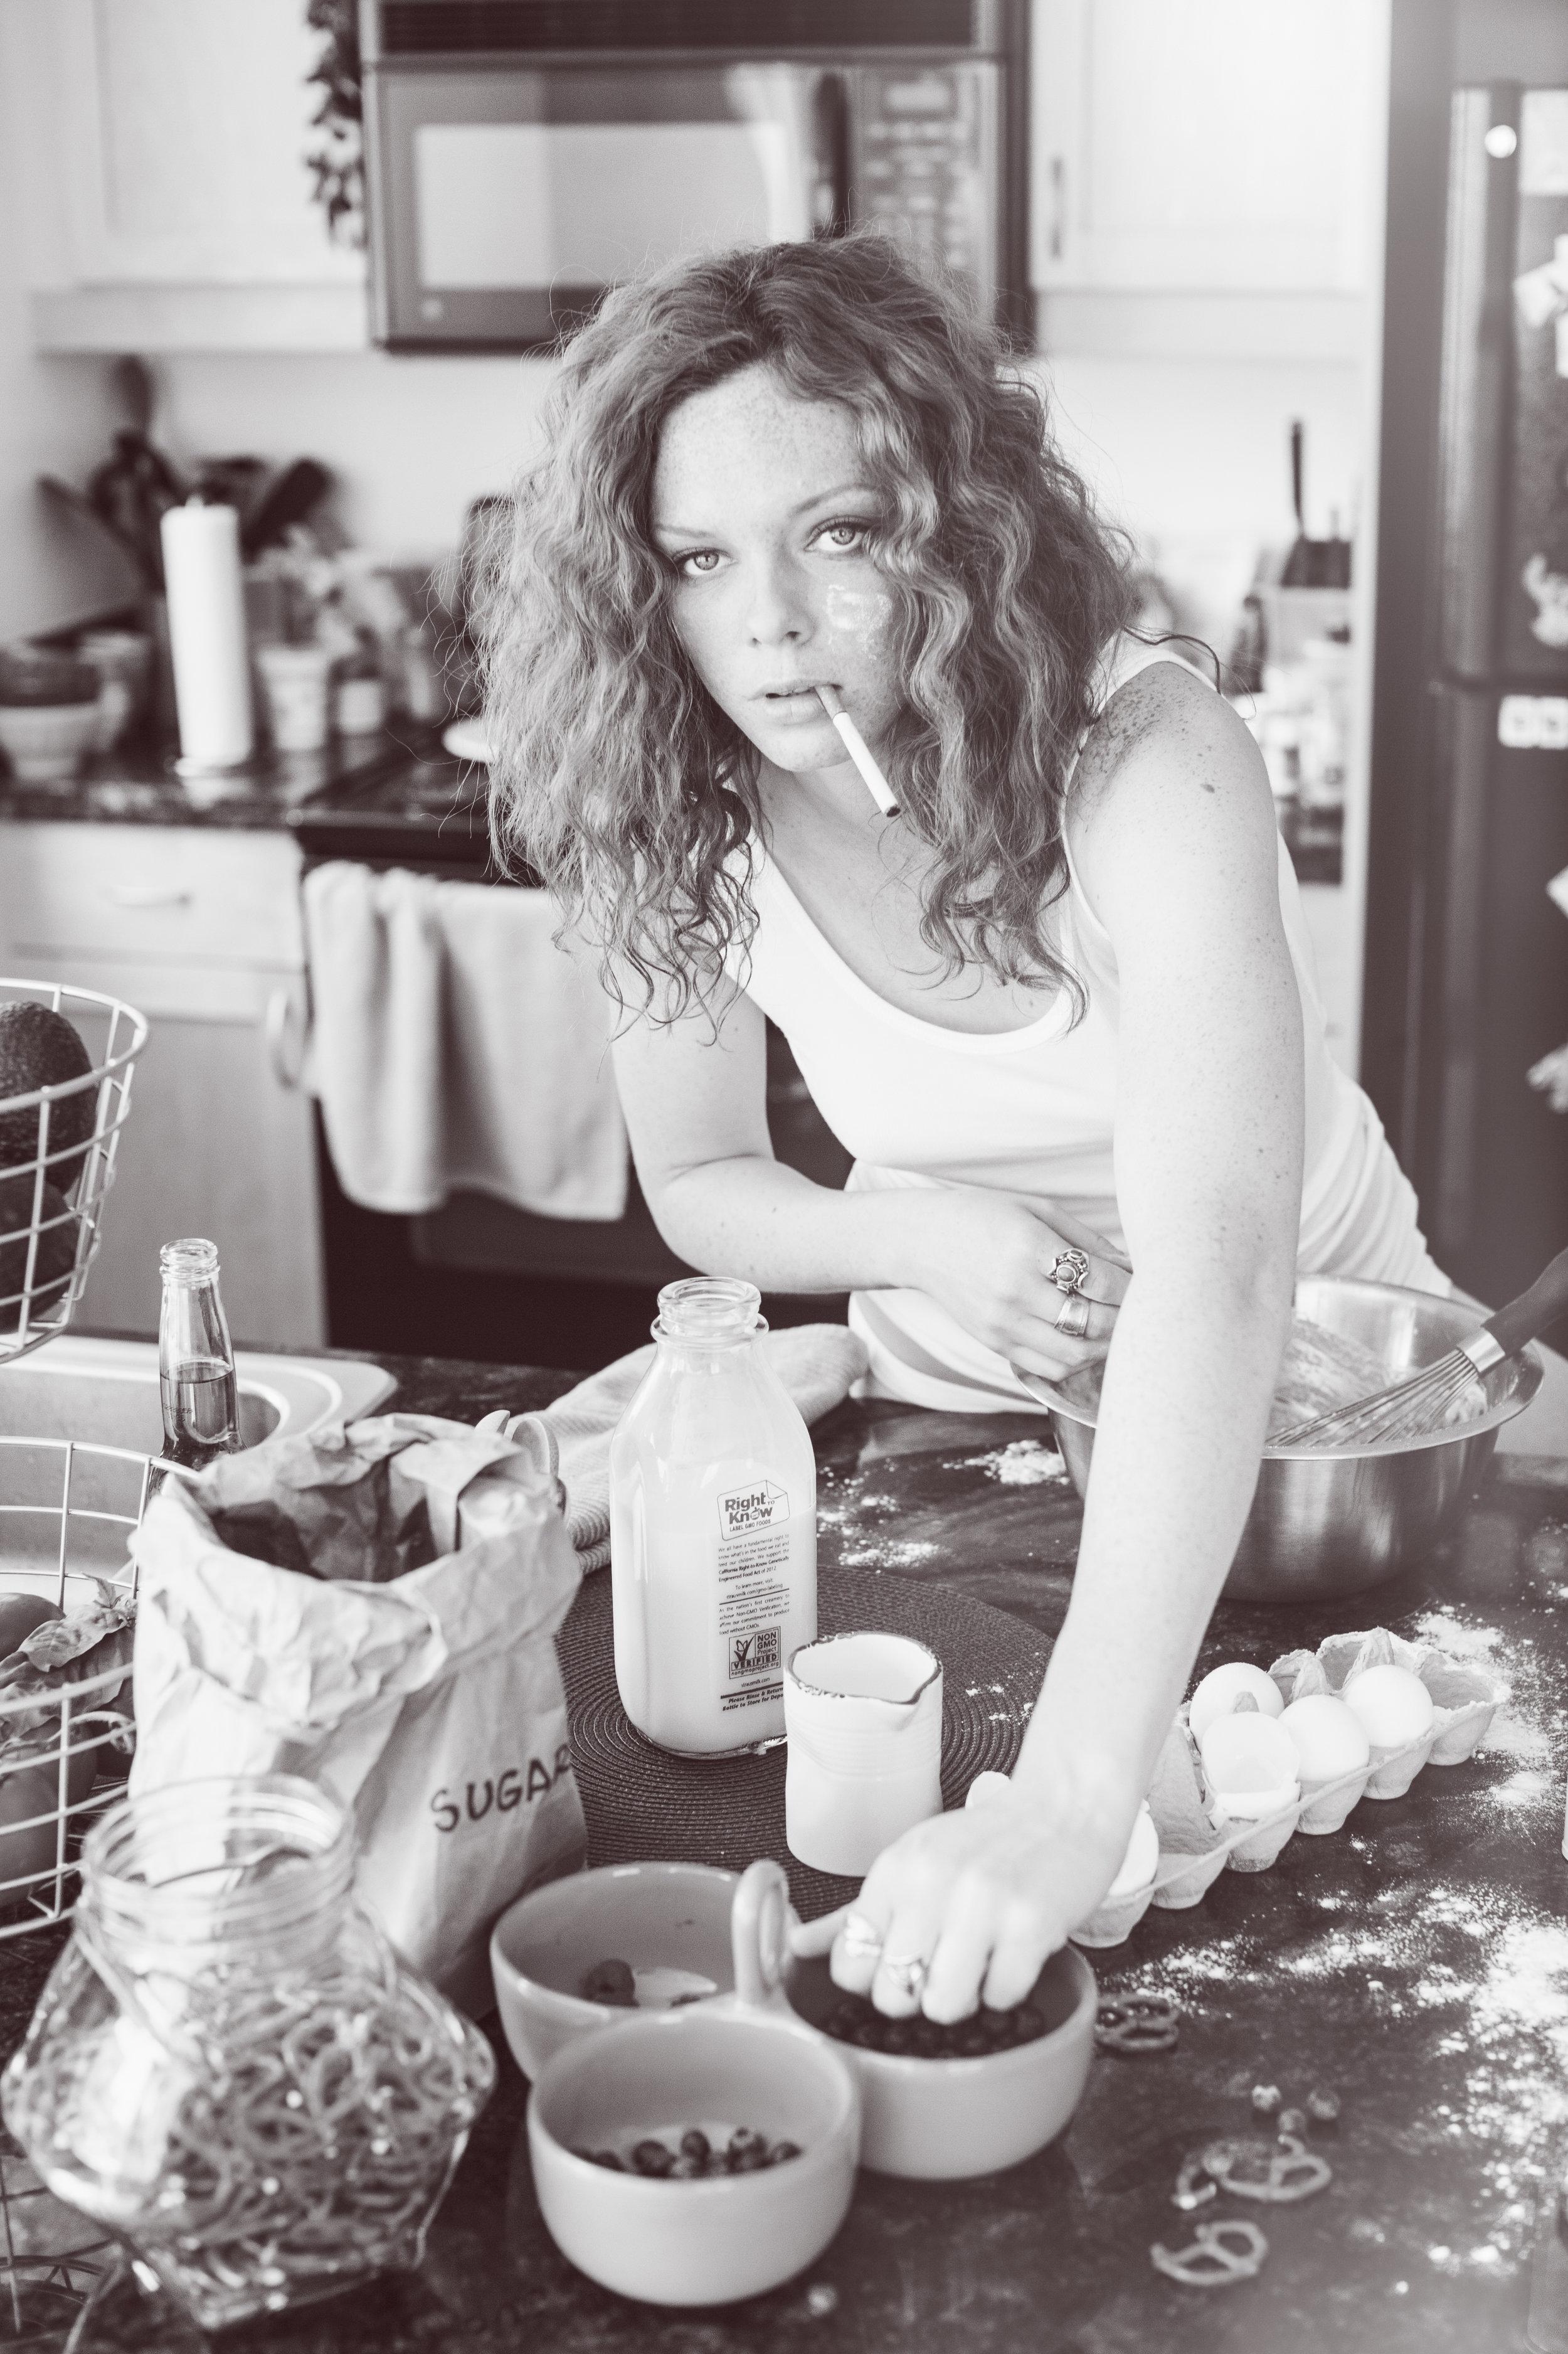 kate.vs.kitchen-20.jpg